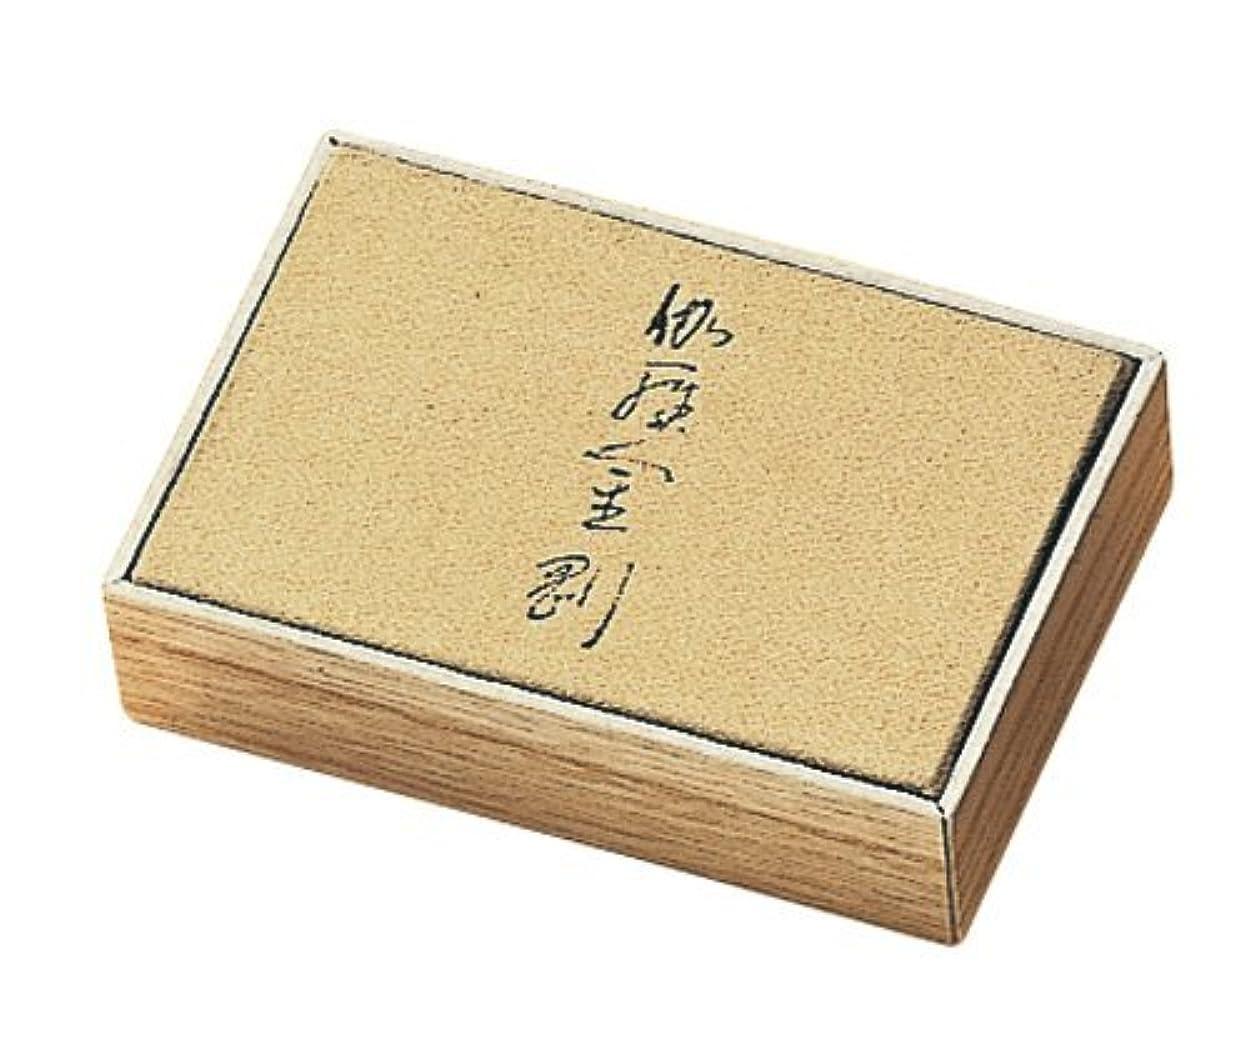 それによって透けて見える中間香木の香りのお香 伽羅金剛 スティック150本入